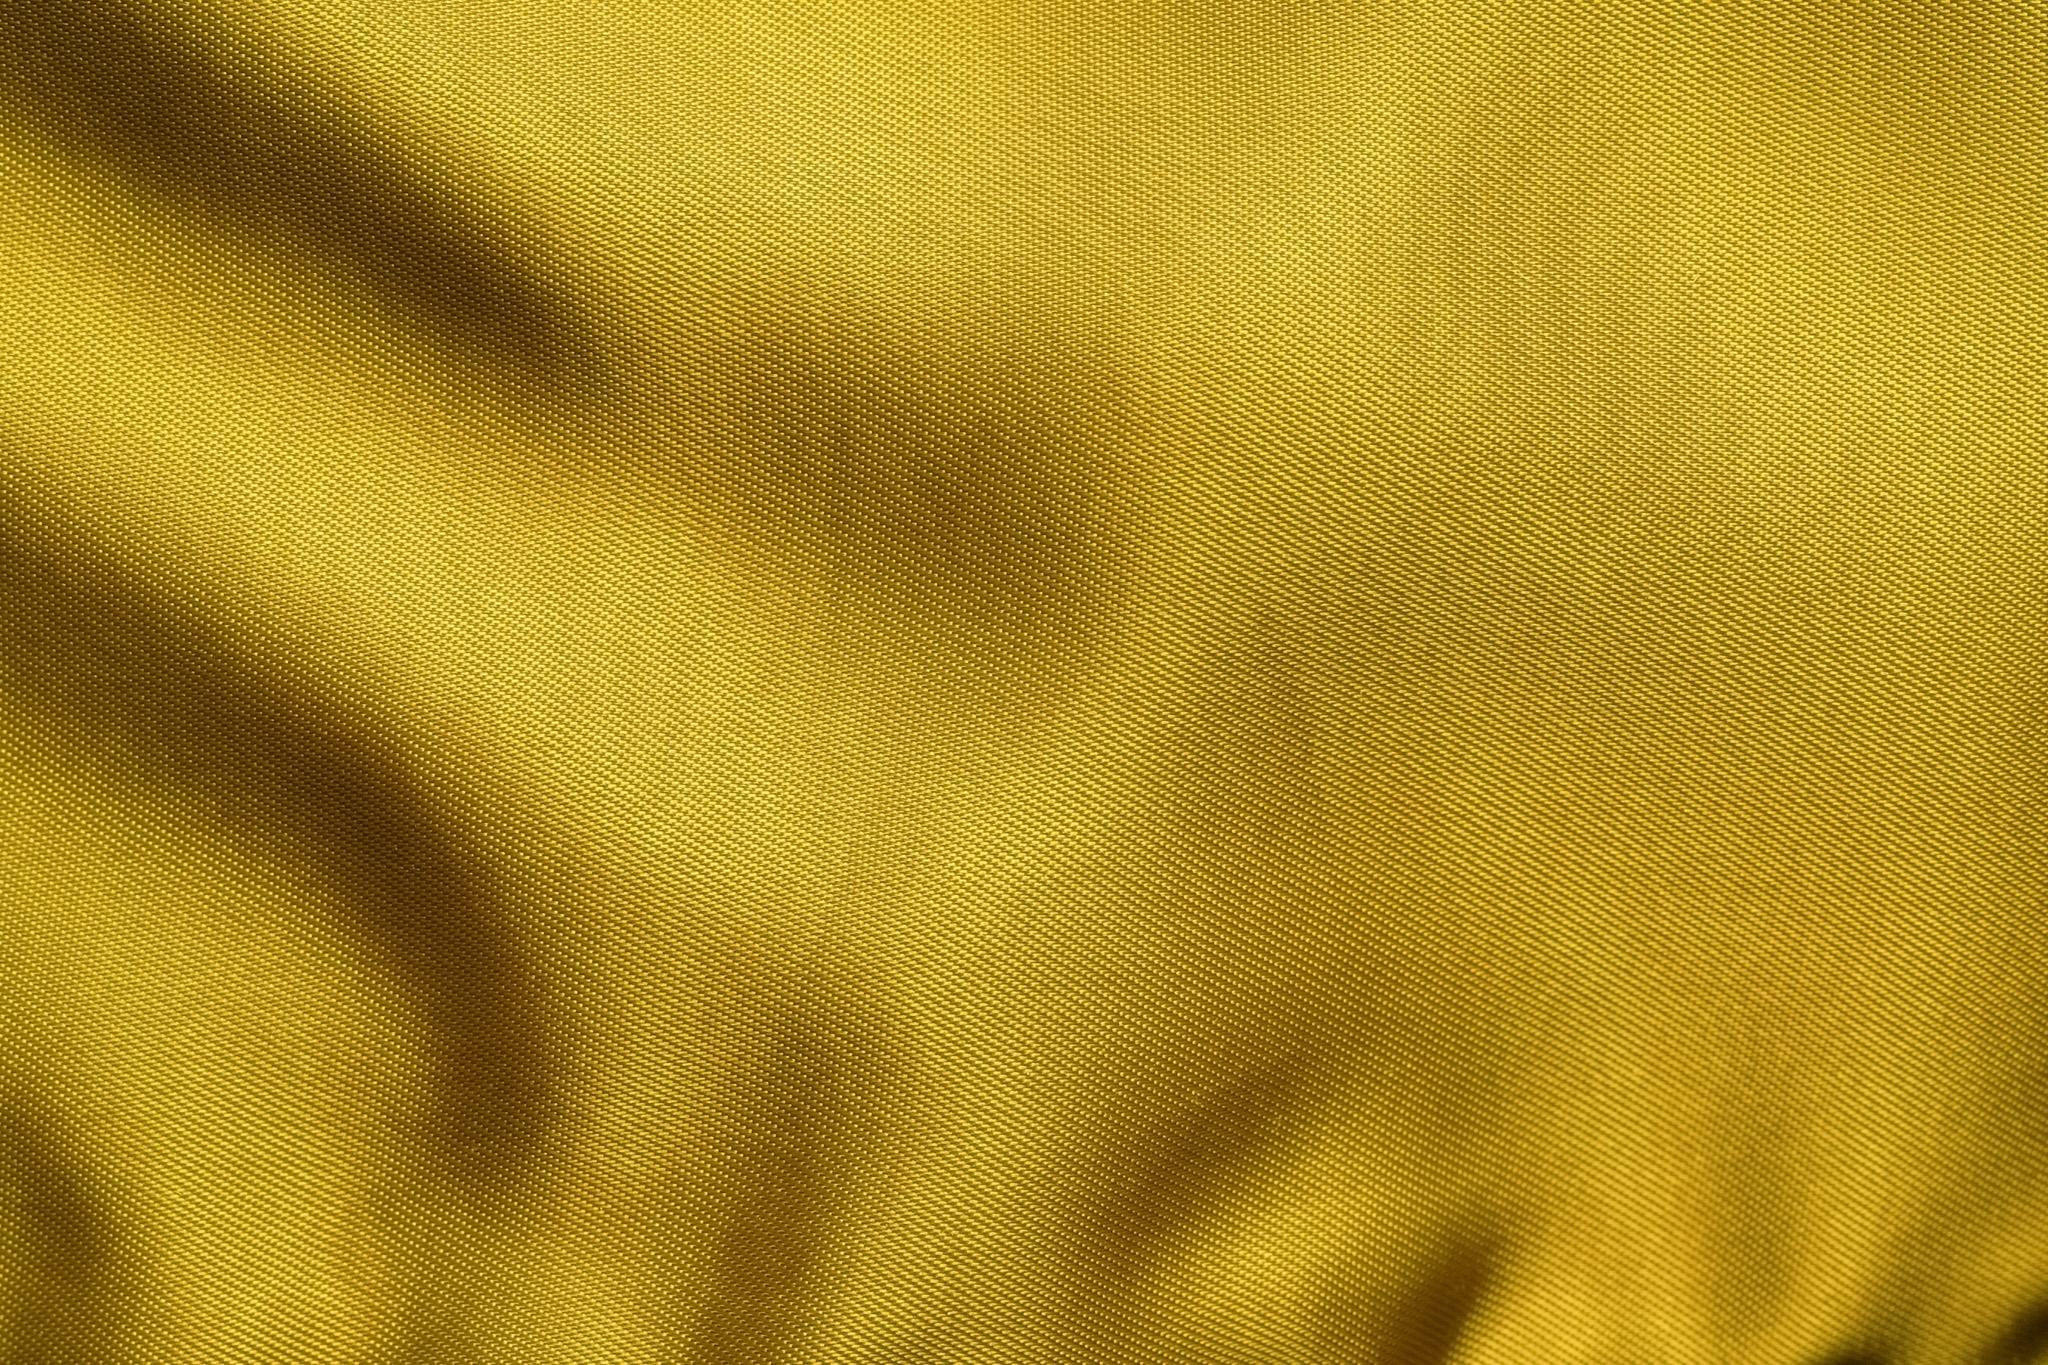 「金色の高級感ある生地のテクスチャ」